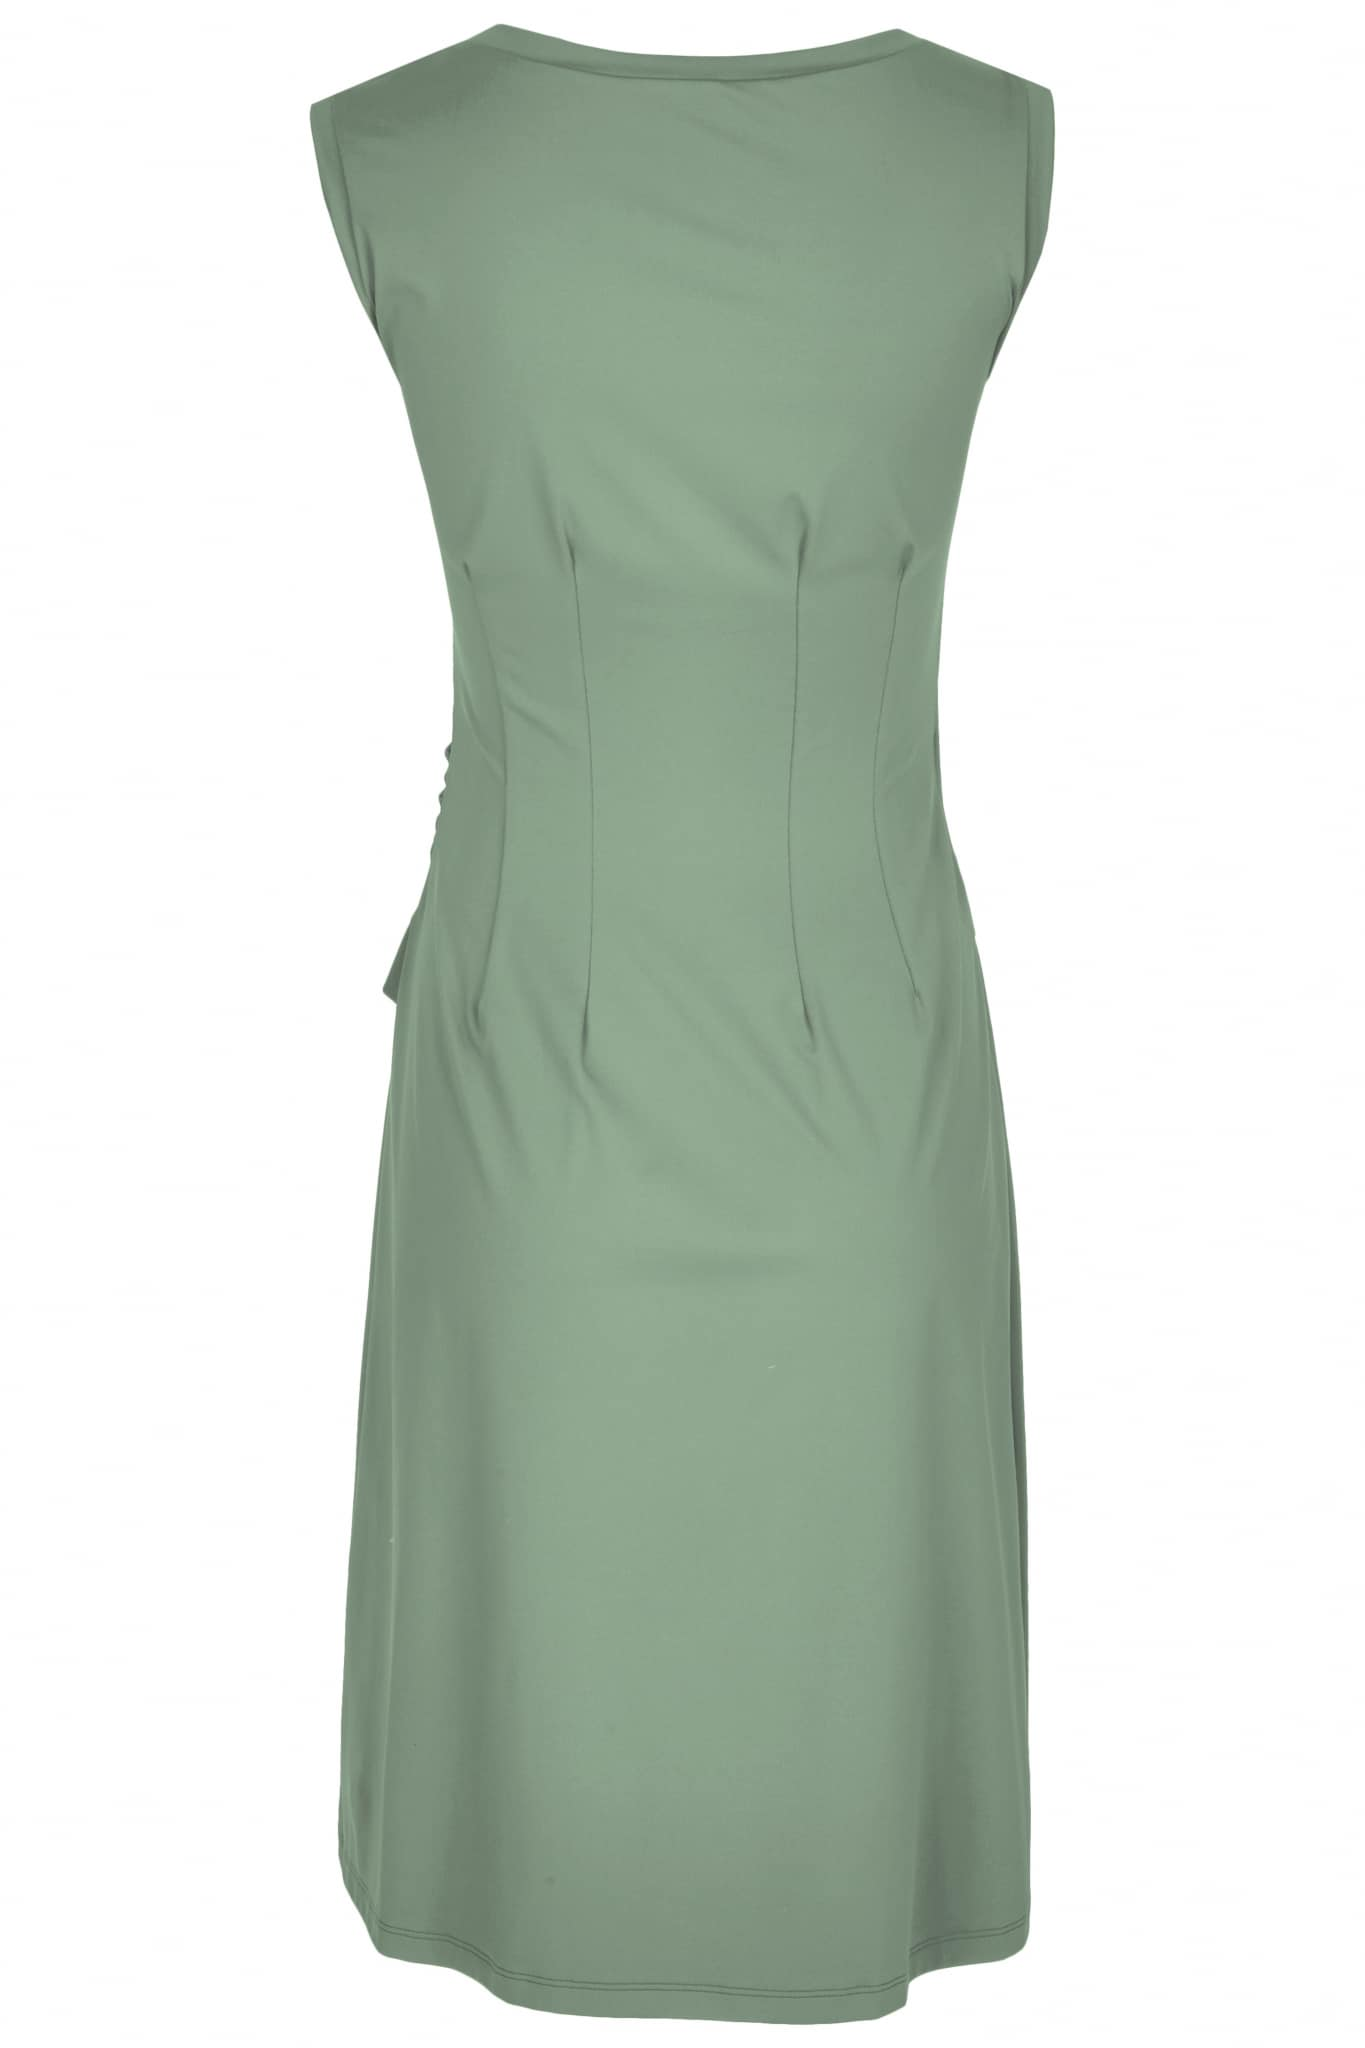 Kleid_Audrey 2 pastell grün